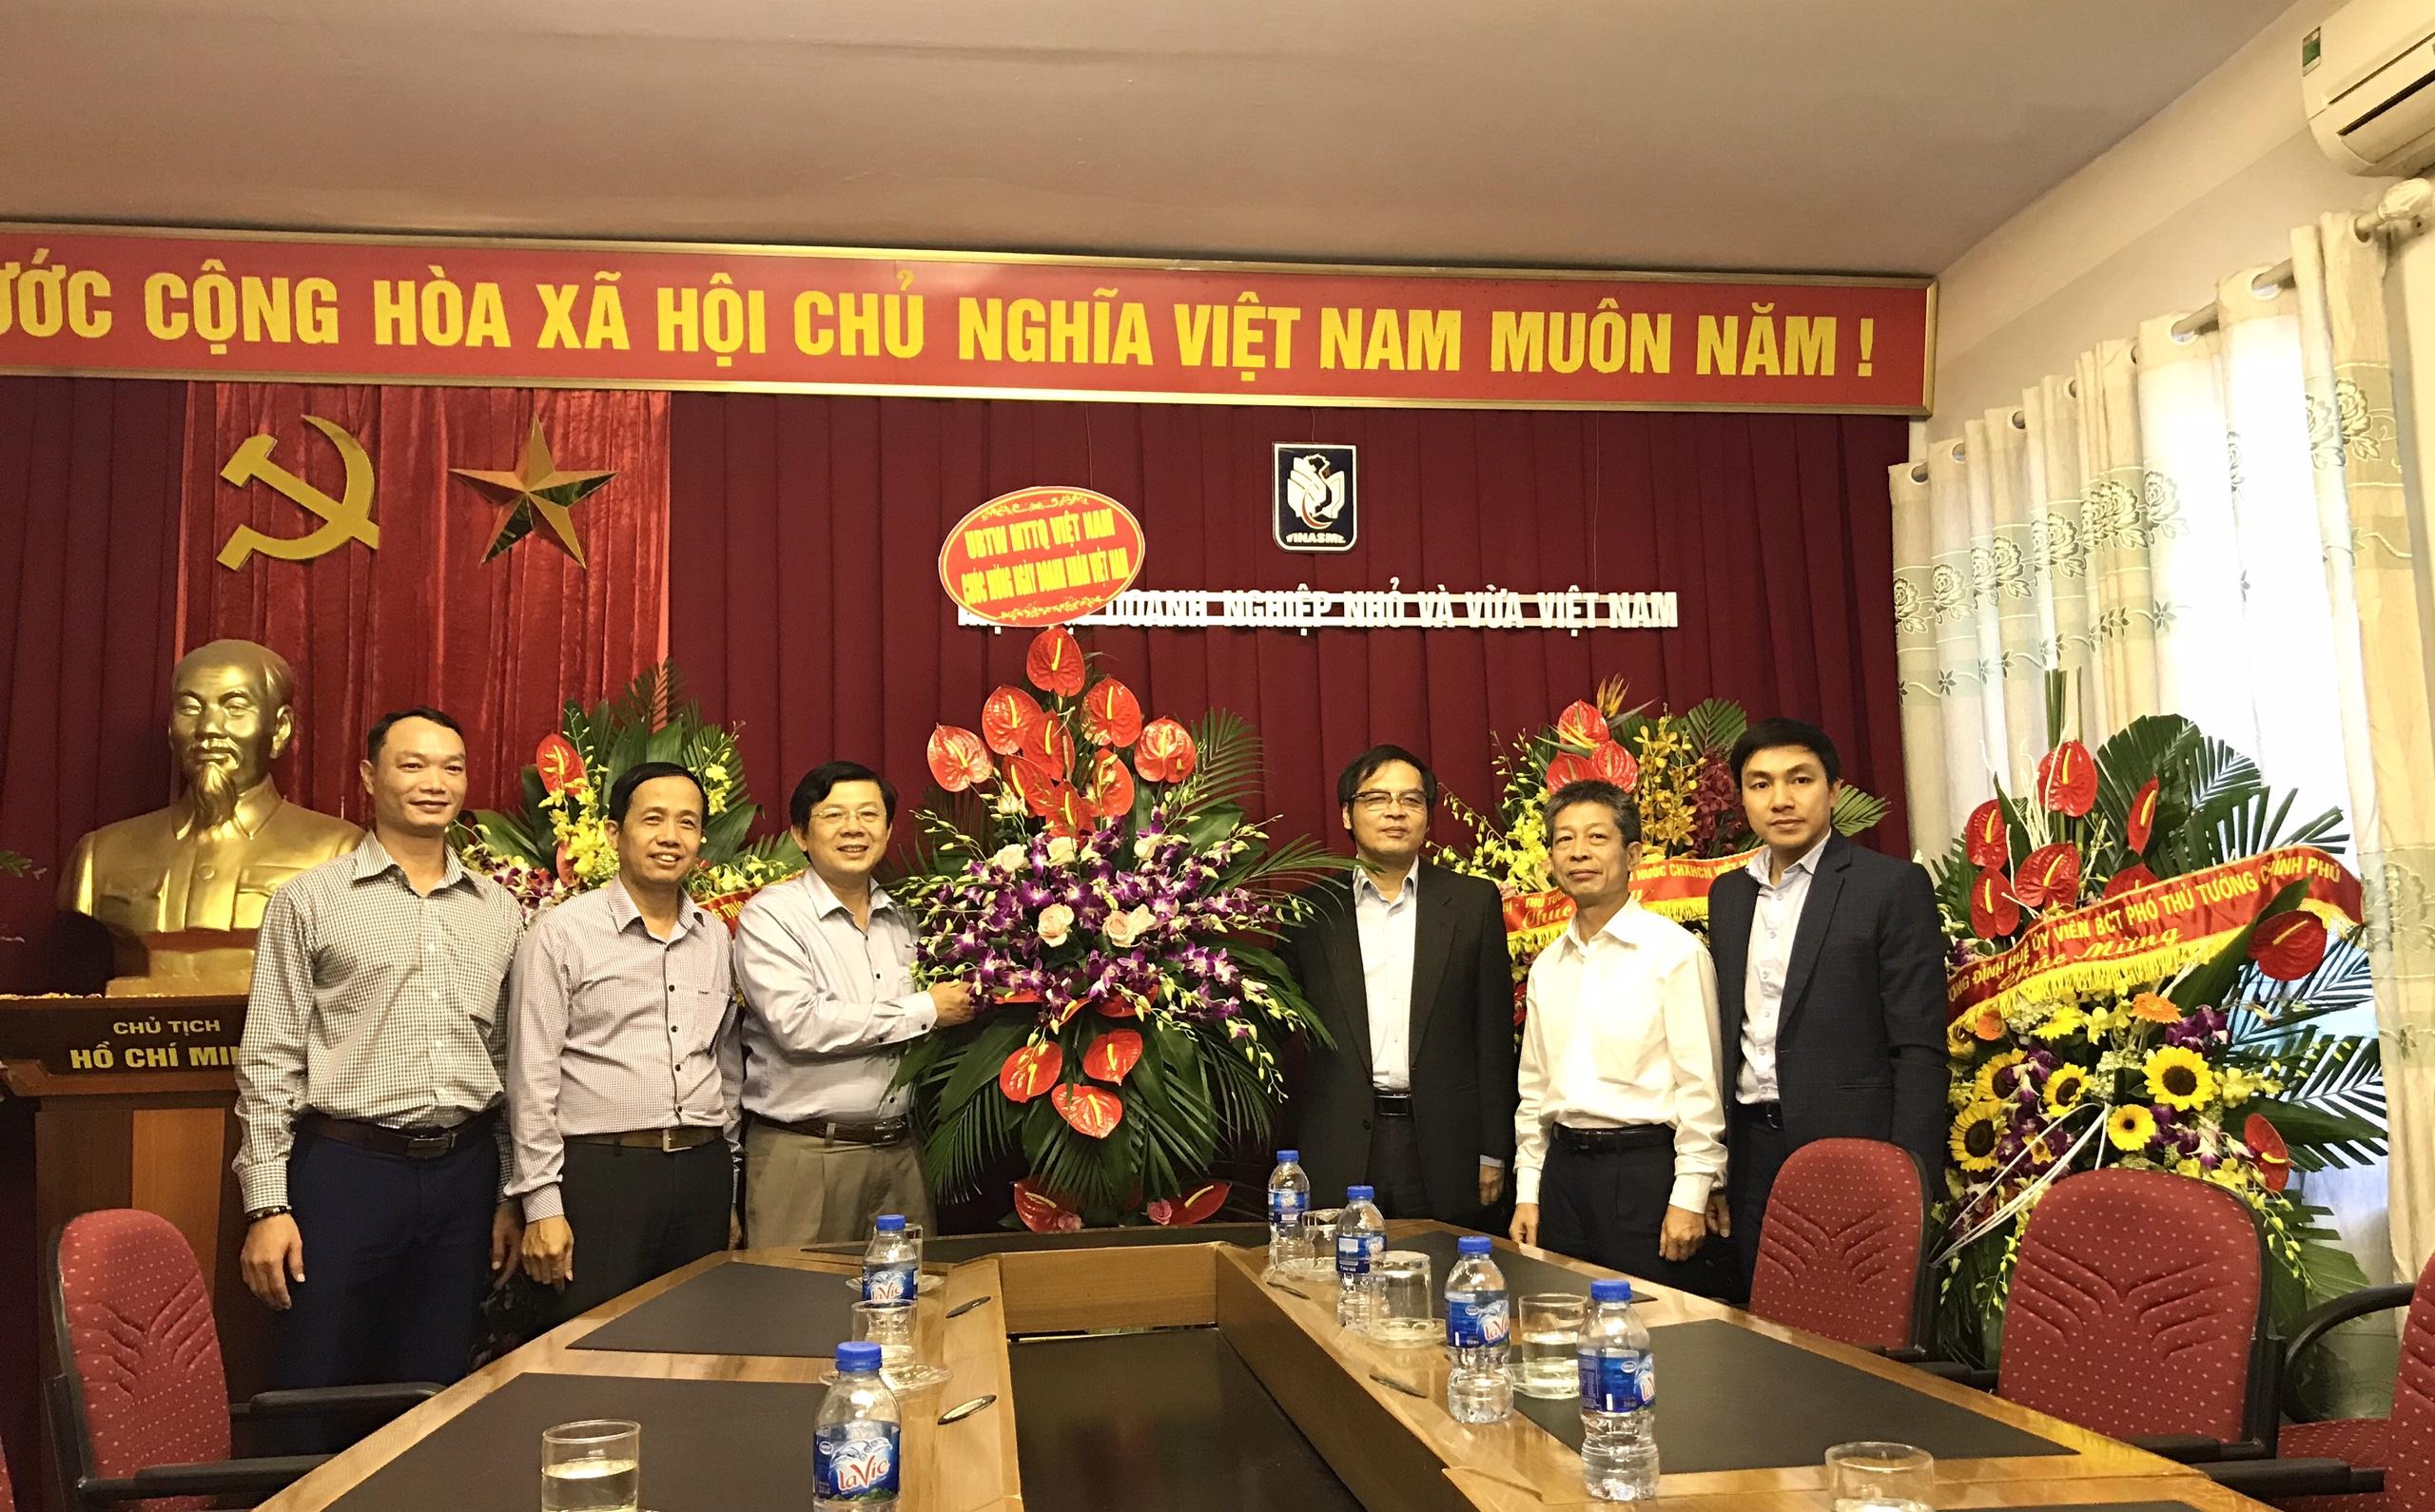 Trung ương MTTQ Việt Nam tặng hoa chúc mừng Hiệp hội DNNVV VN nhân Ngày Doanh nhân Việt Nam 13/10